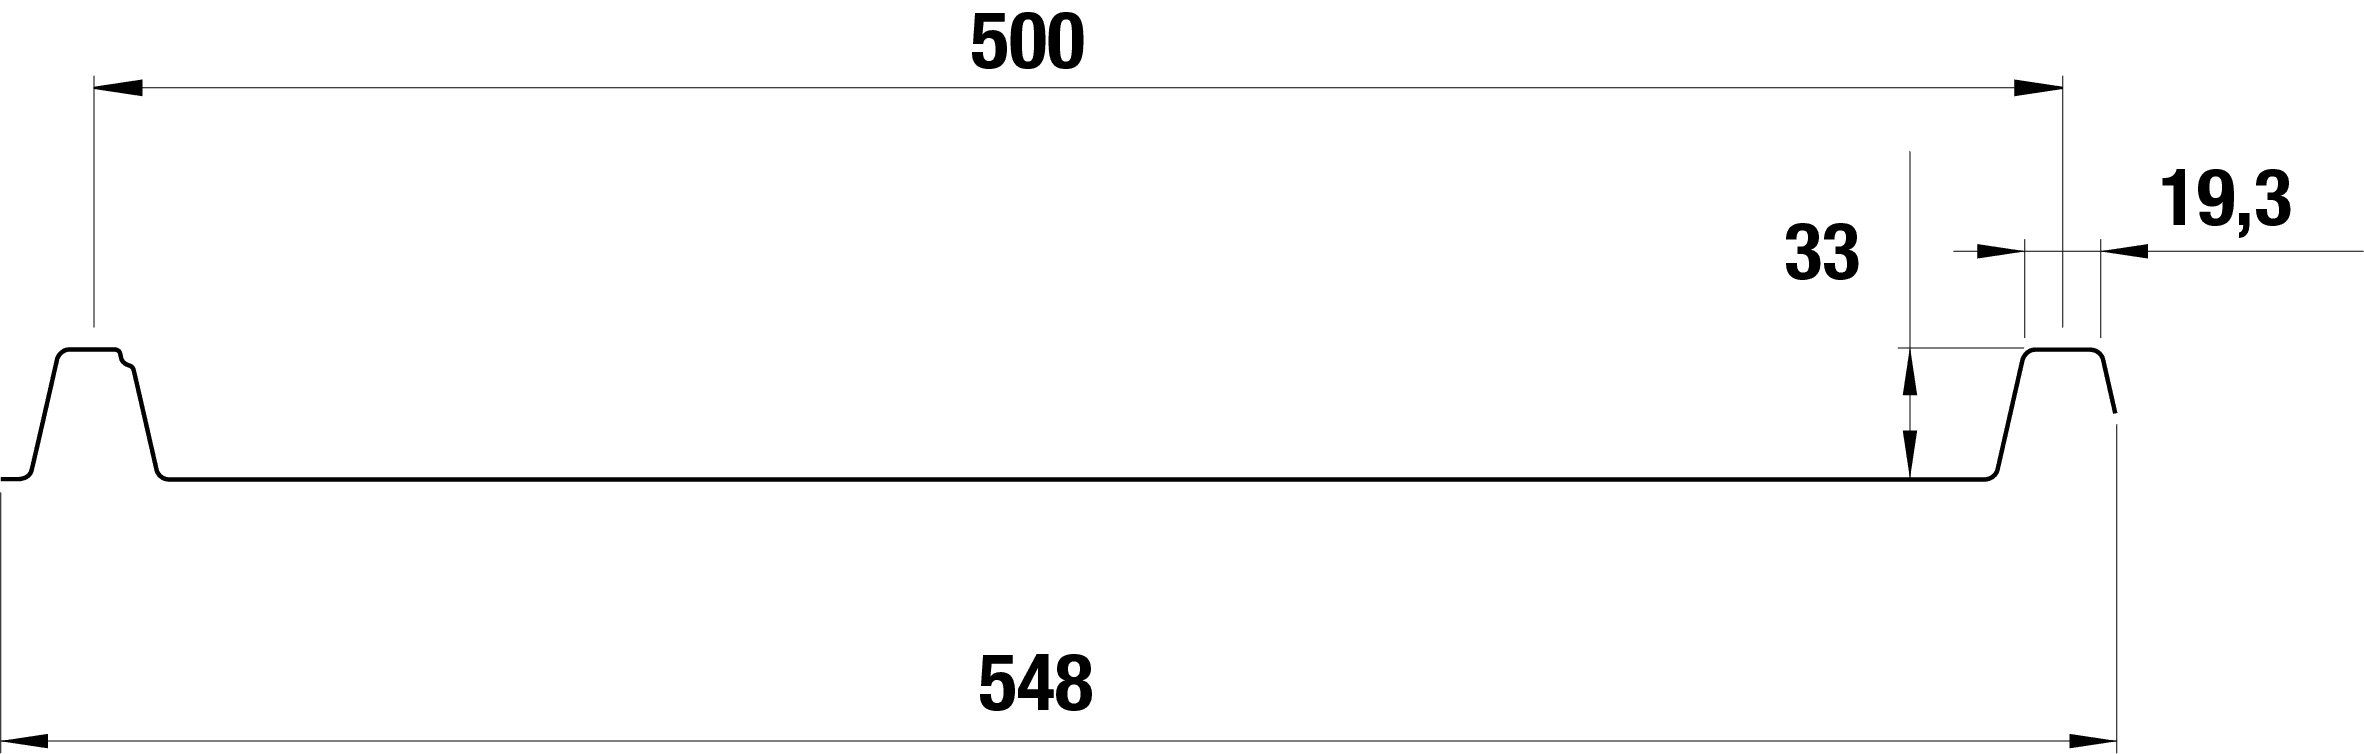 Trapezblech Stahl 33/500 – T33P - Tech Zeichnung